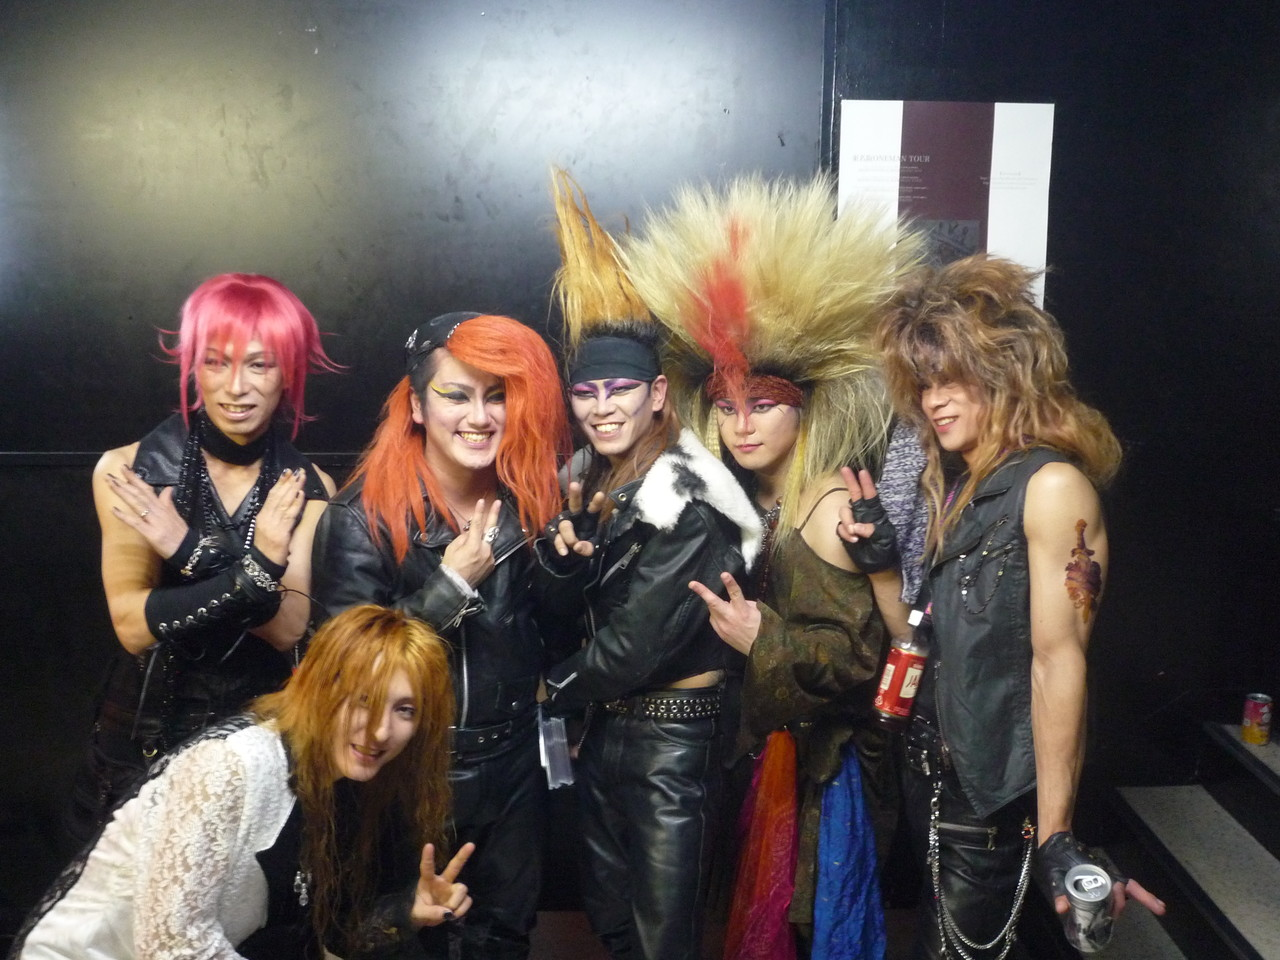 ライヴ終了後♪ X-HIROSHIMAメンバーと記念写真☆ 僕にとって最高の音楽仲間です!